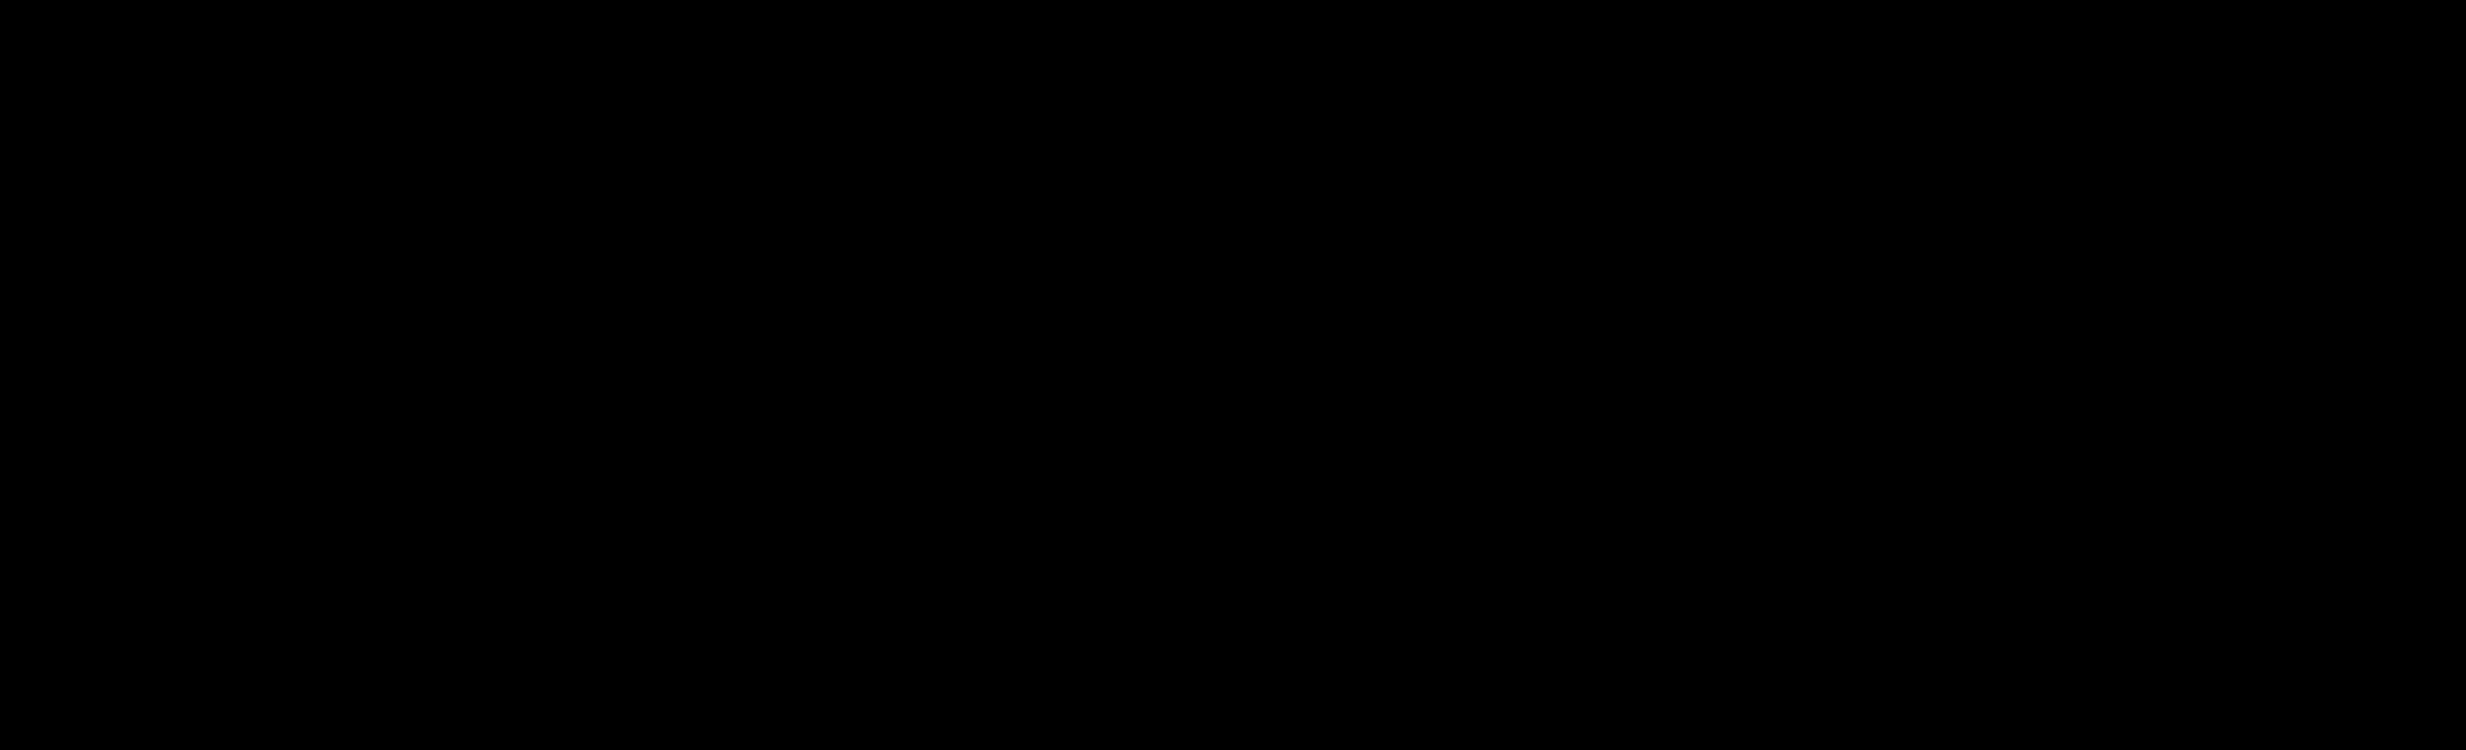 PHOTO GRATUIT 4.08 TÉLÉCHARGER CARTOON